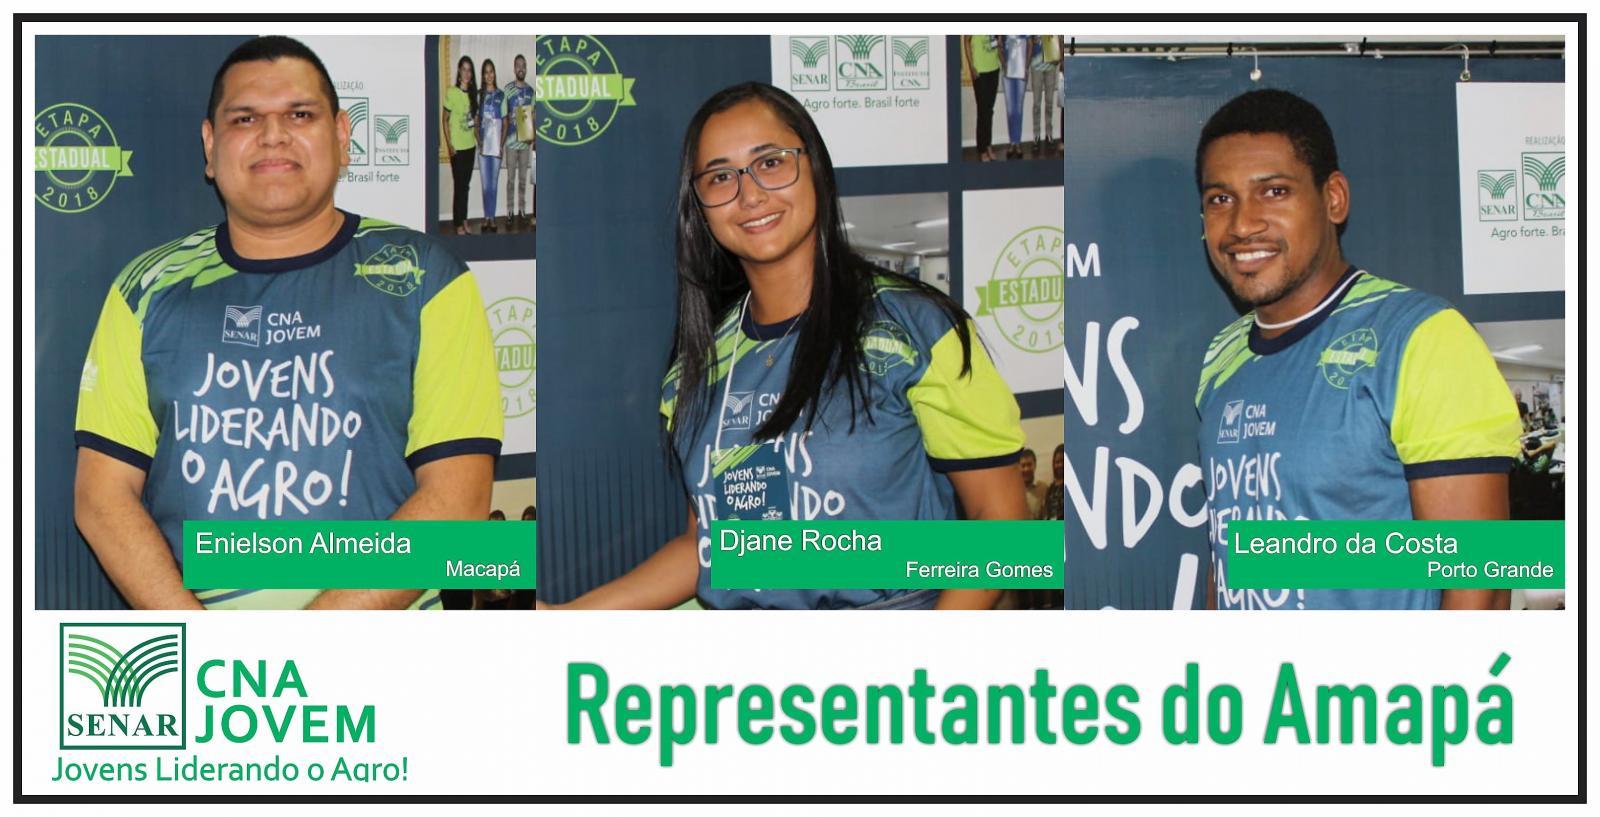 Representantes do Amapá participam do último encontro da etapa estadual do Programa CNA Jovem no Estado do Pará